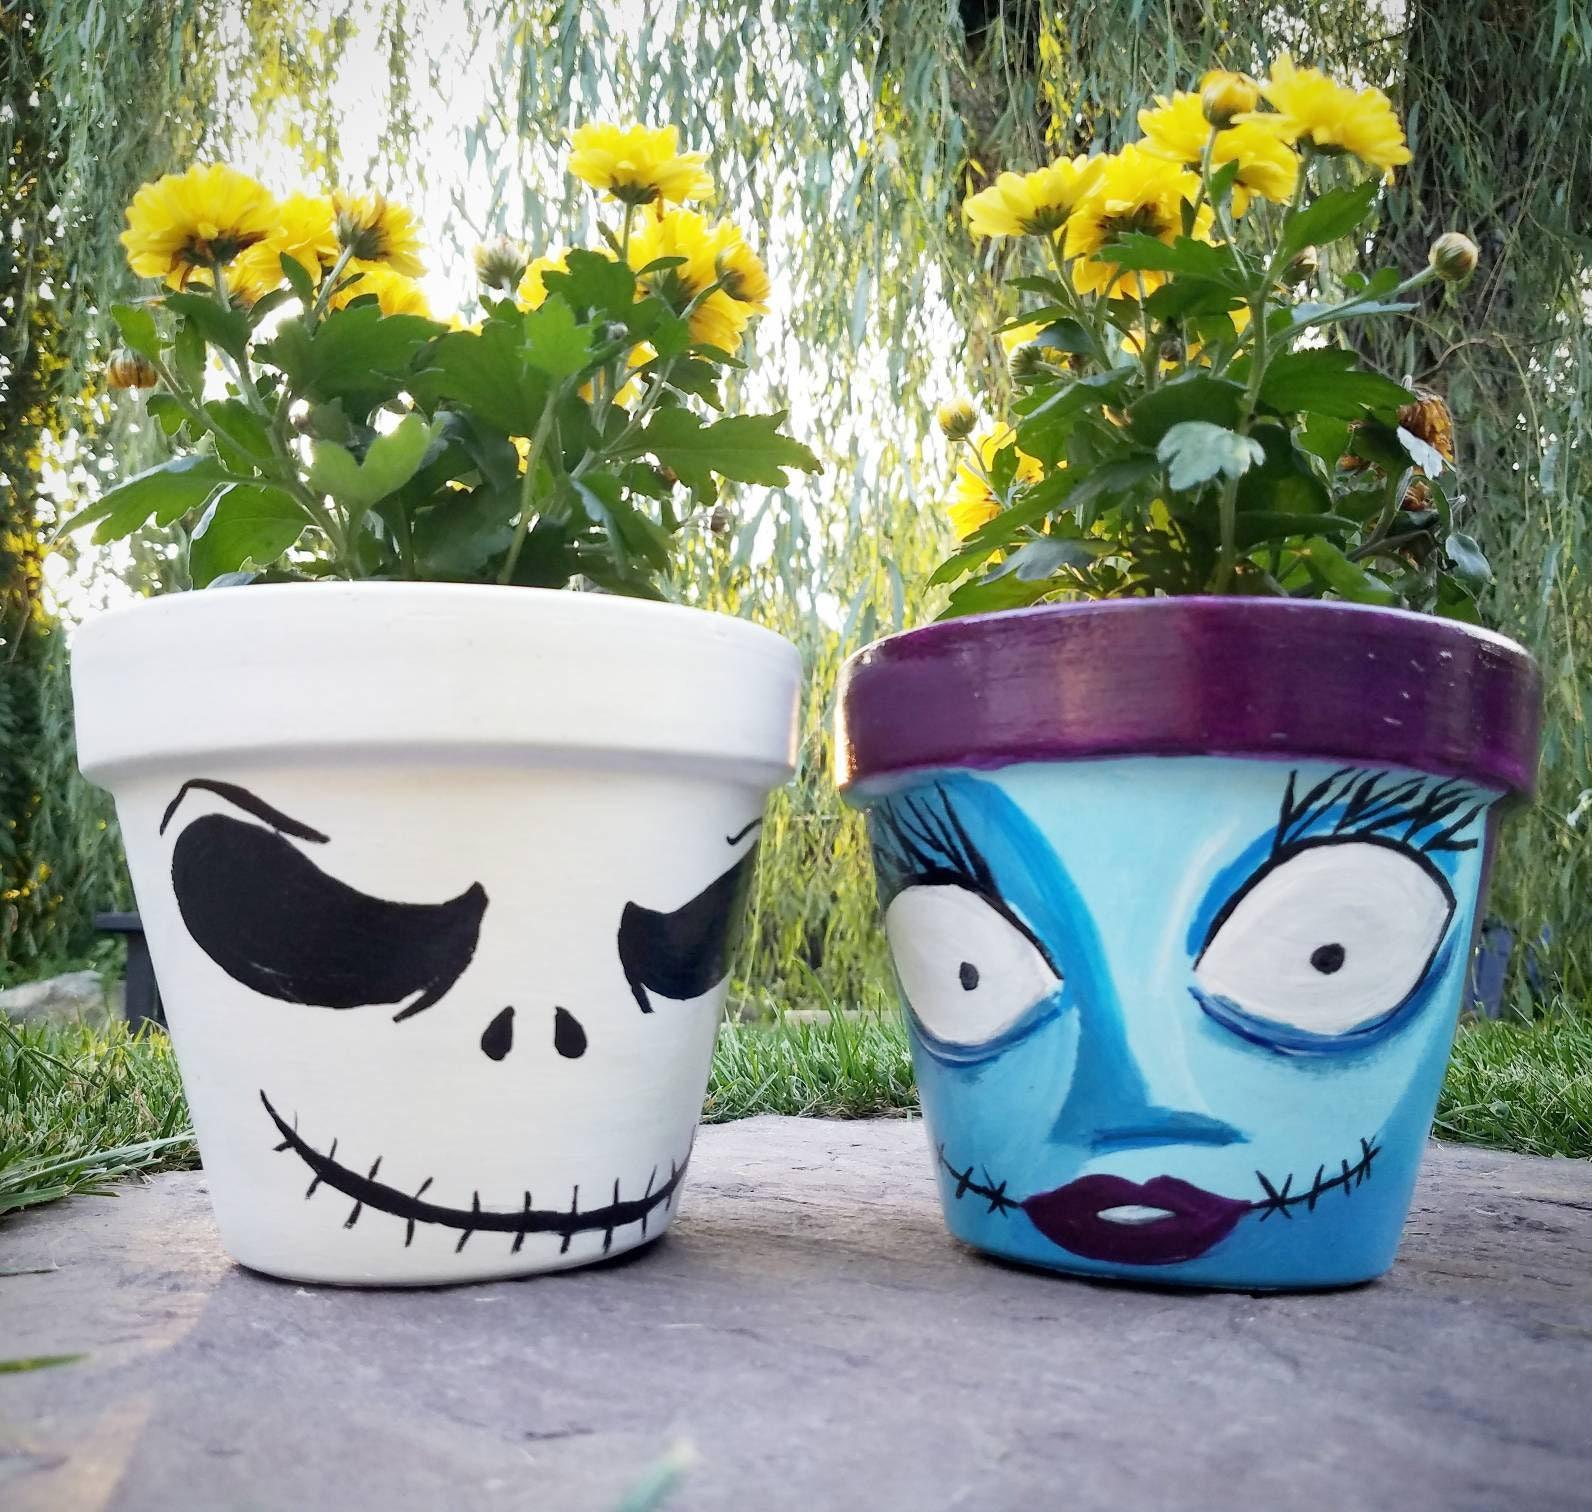 Hand bemalt Alptraum vor Weihnachten Halloween Blumentöpfe | Etsy